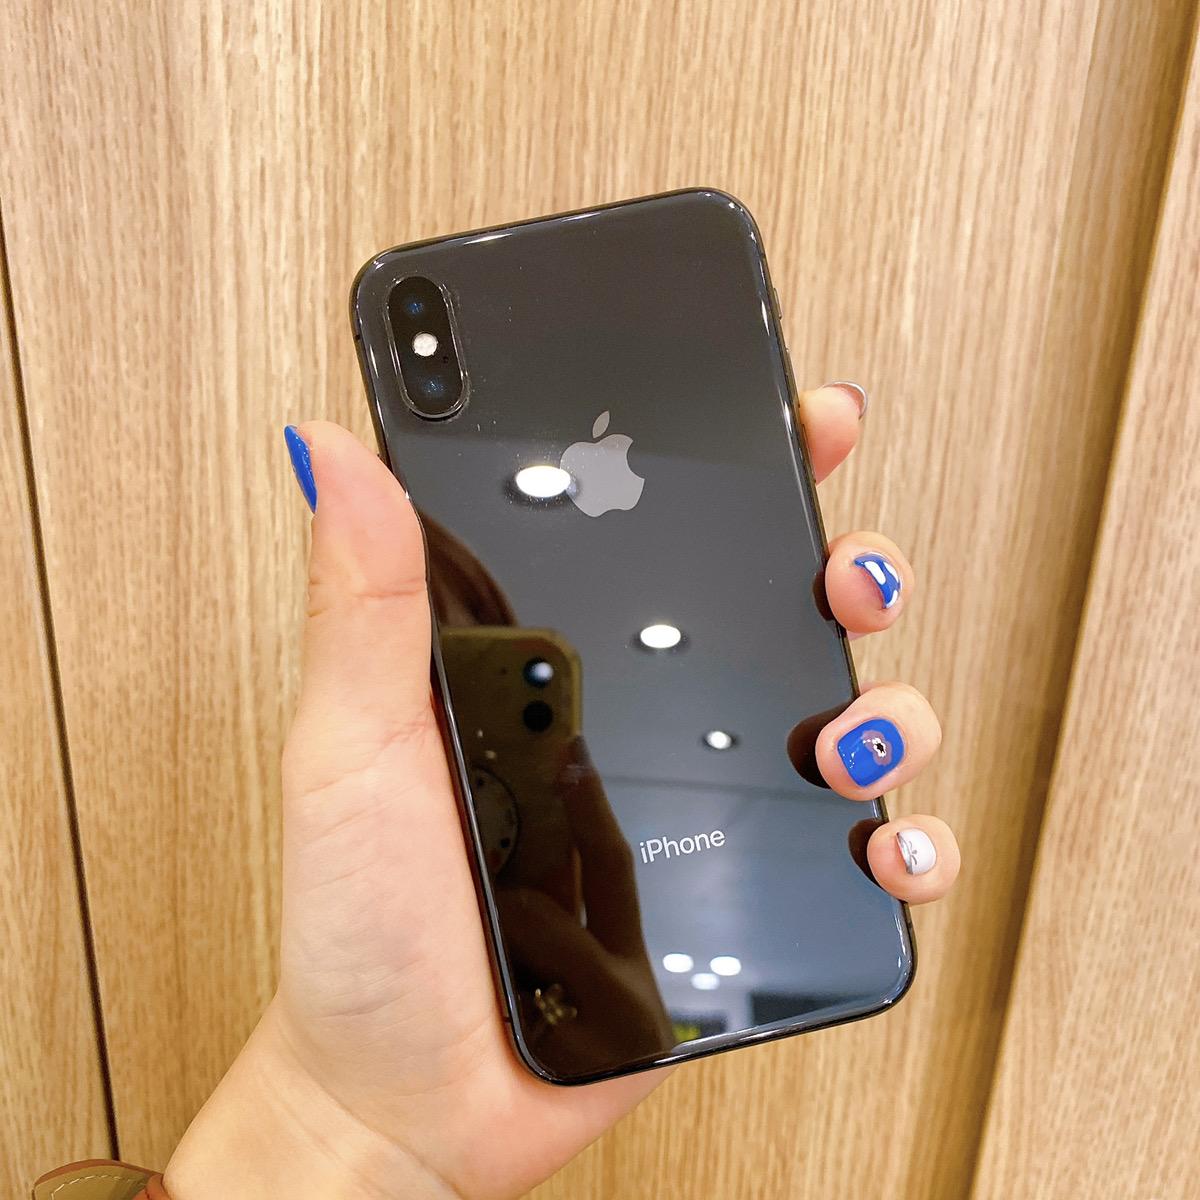 iPhone8 64GB シルバー au〇 中古